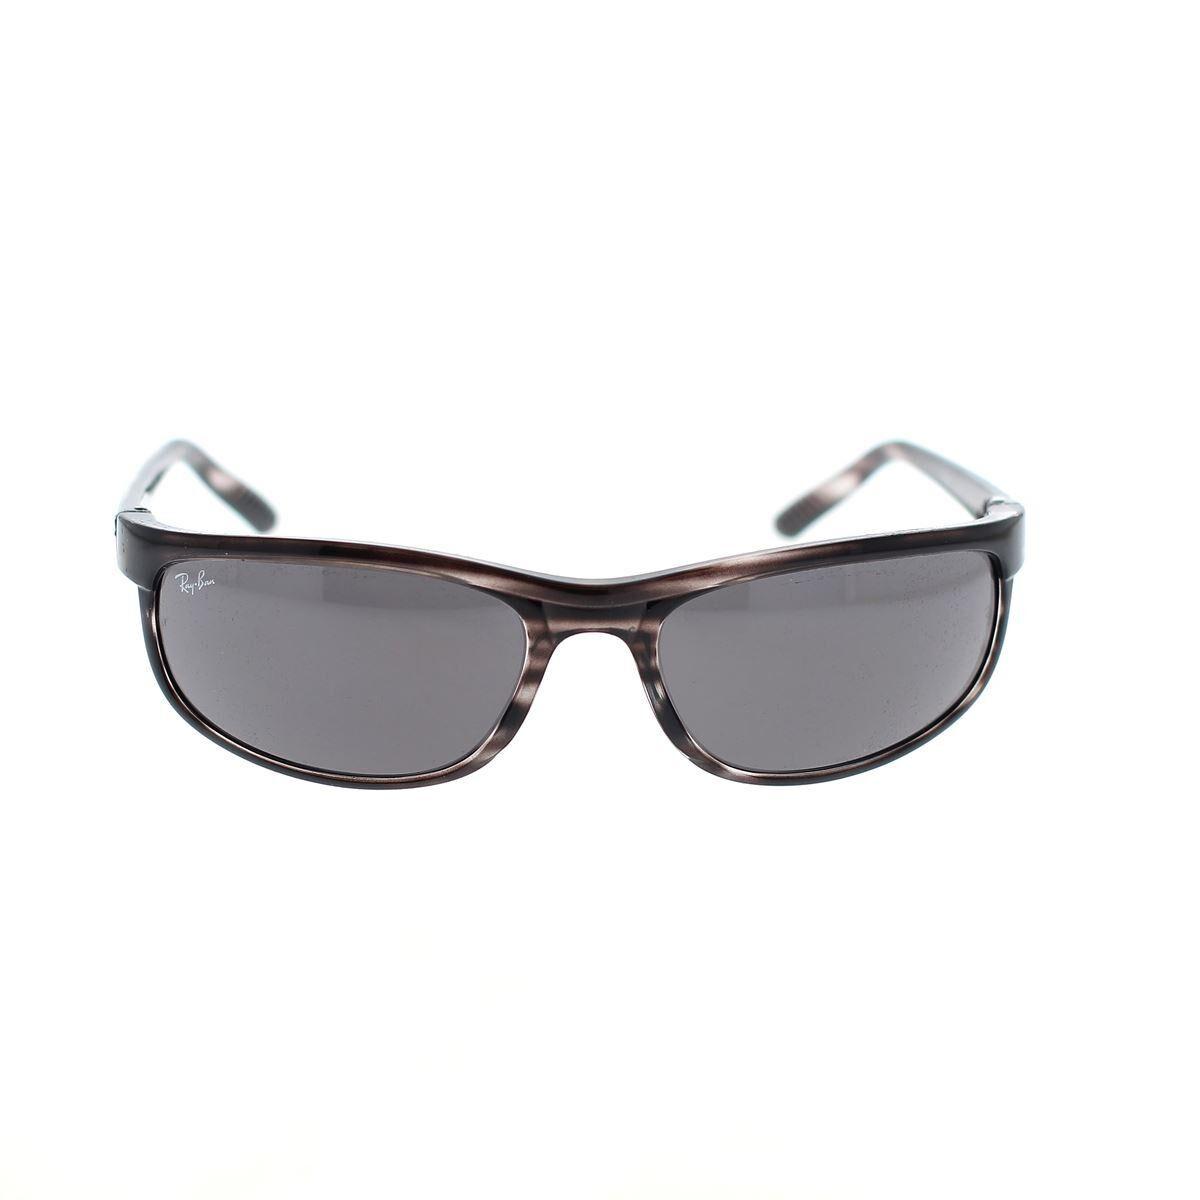 ray-ban occhiali da sole predator 2 rb2027 6430b1